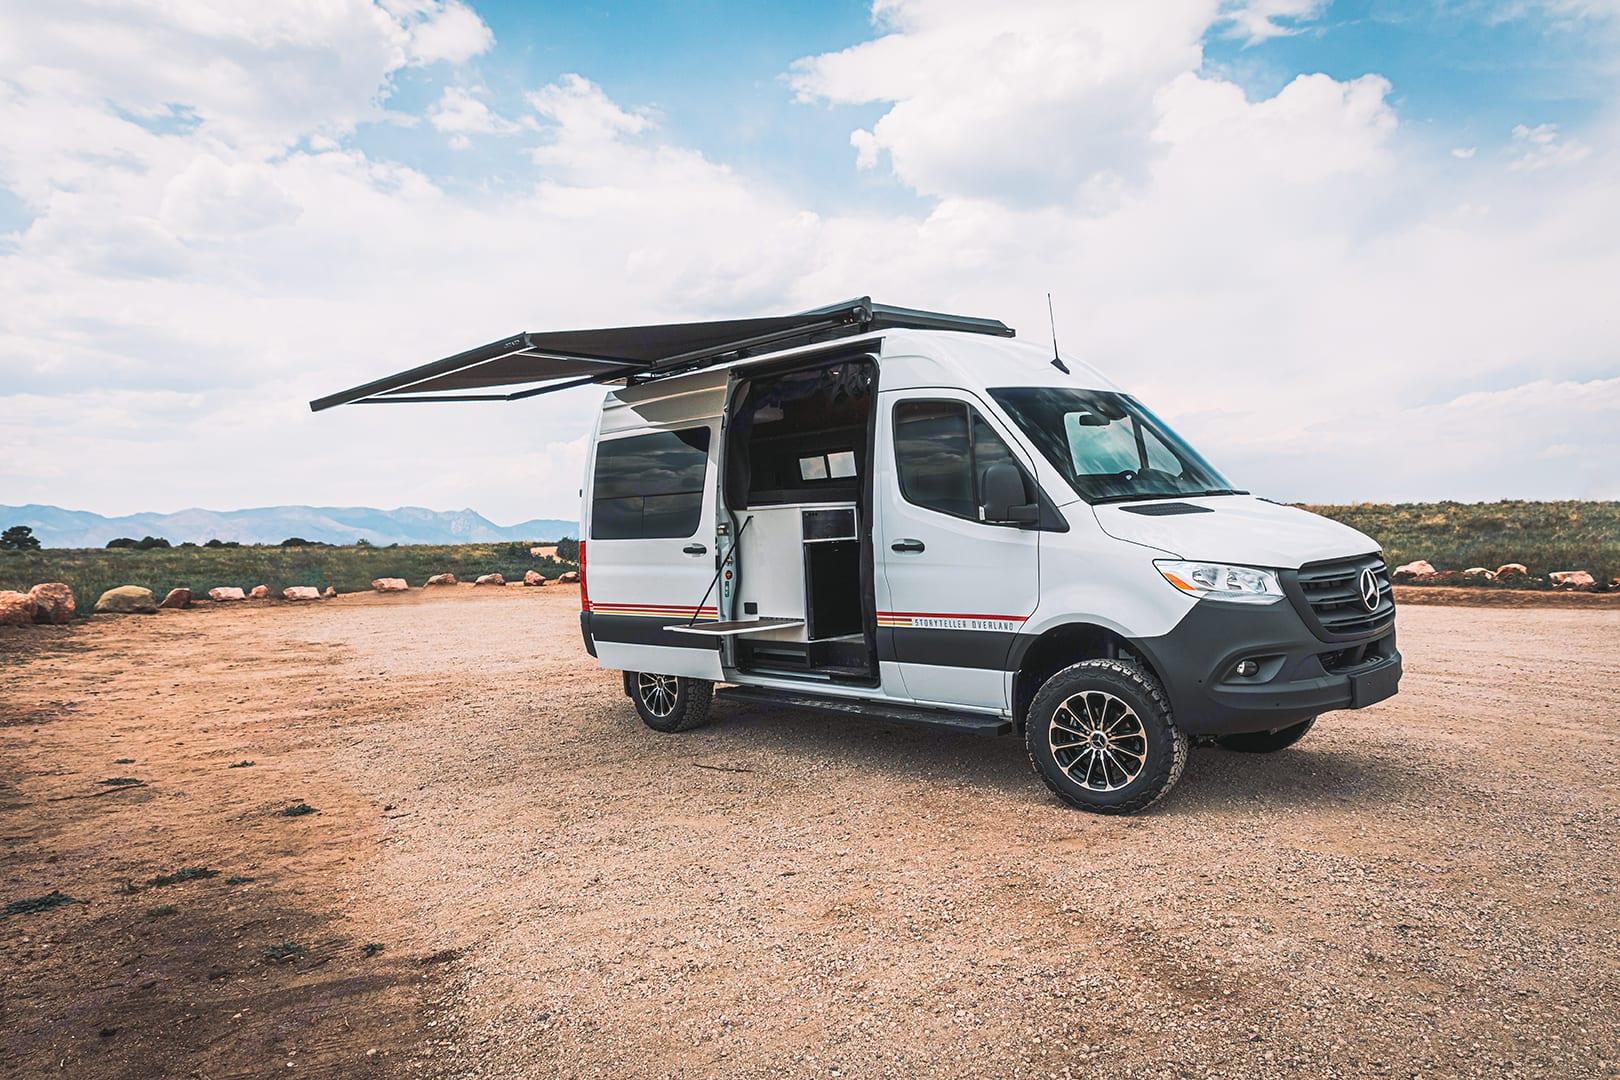 Mercedes-Benz Storyteller Overland MODE 4x4 2021